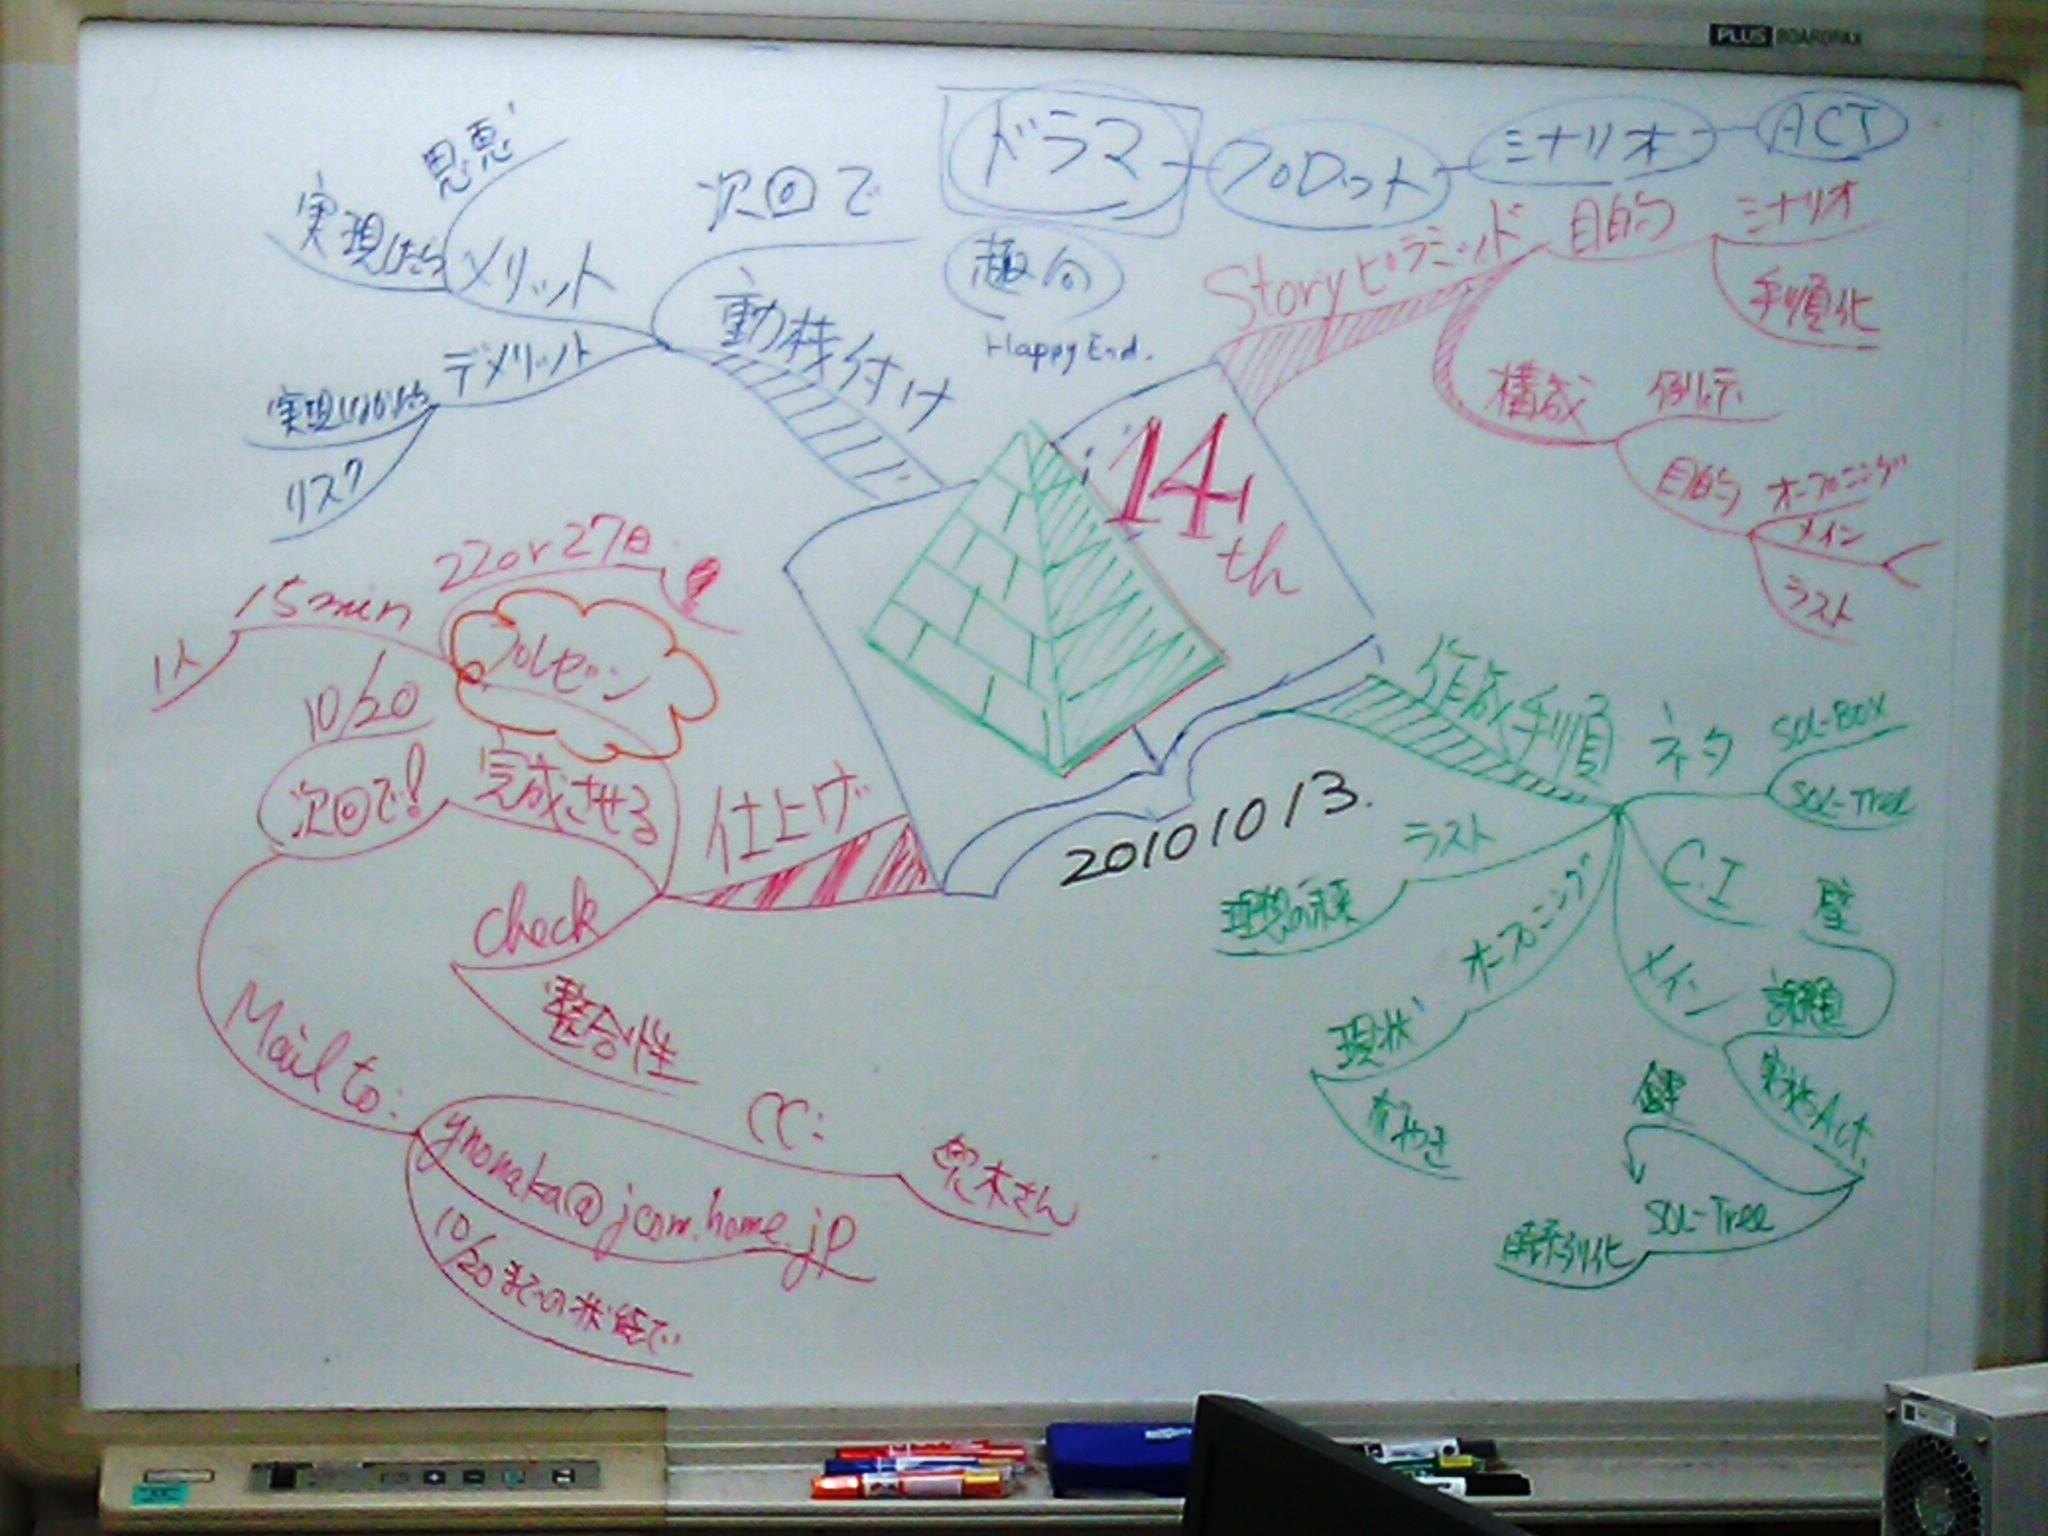 ストーリー・ピラミッド説明ホワイトボード1